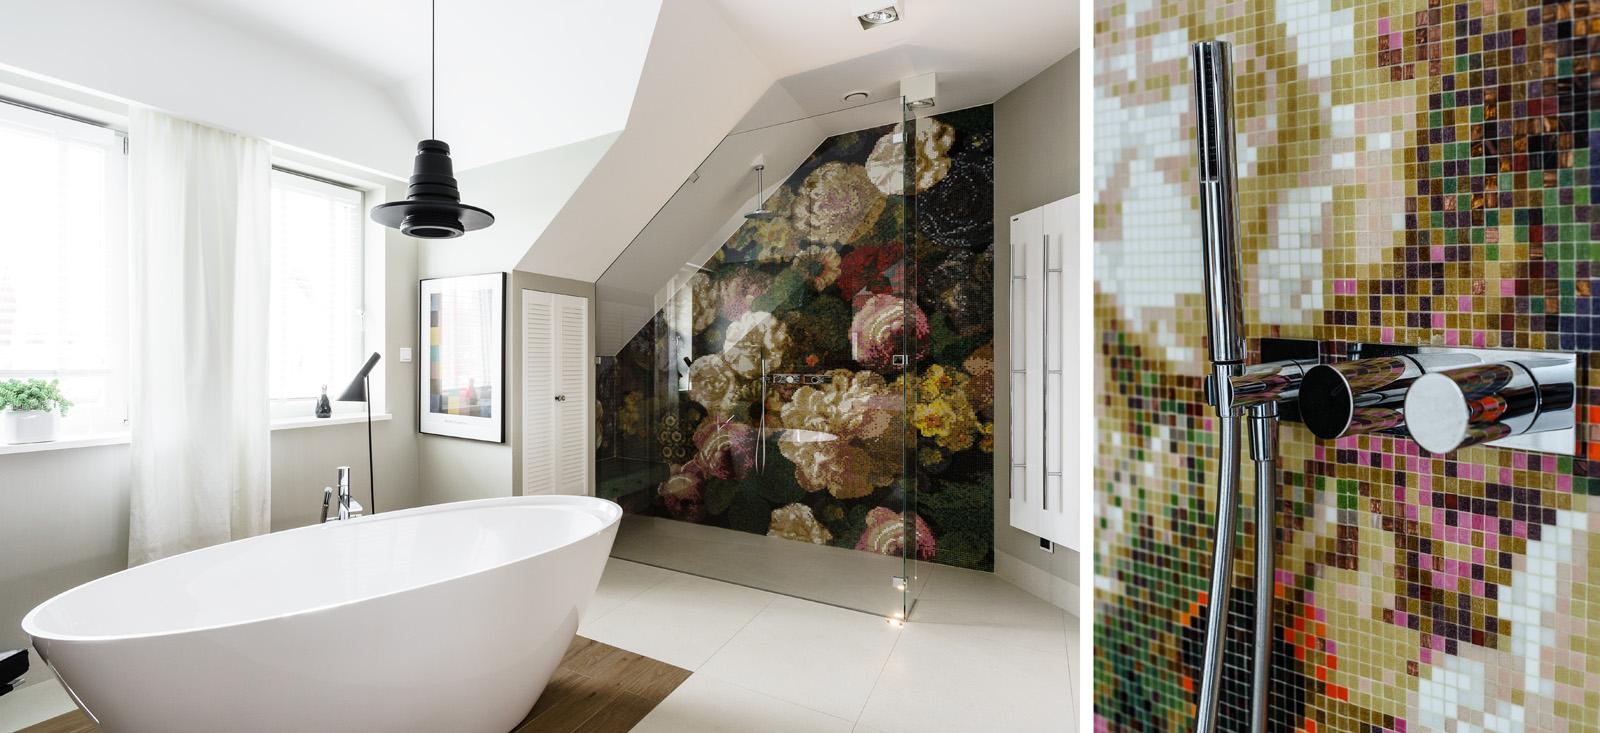 Mozaika marki Bisazza | proj. Fabryka Wnętrz